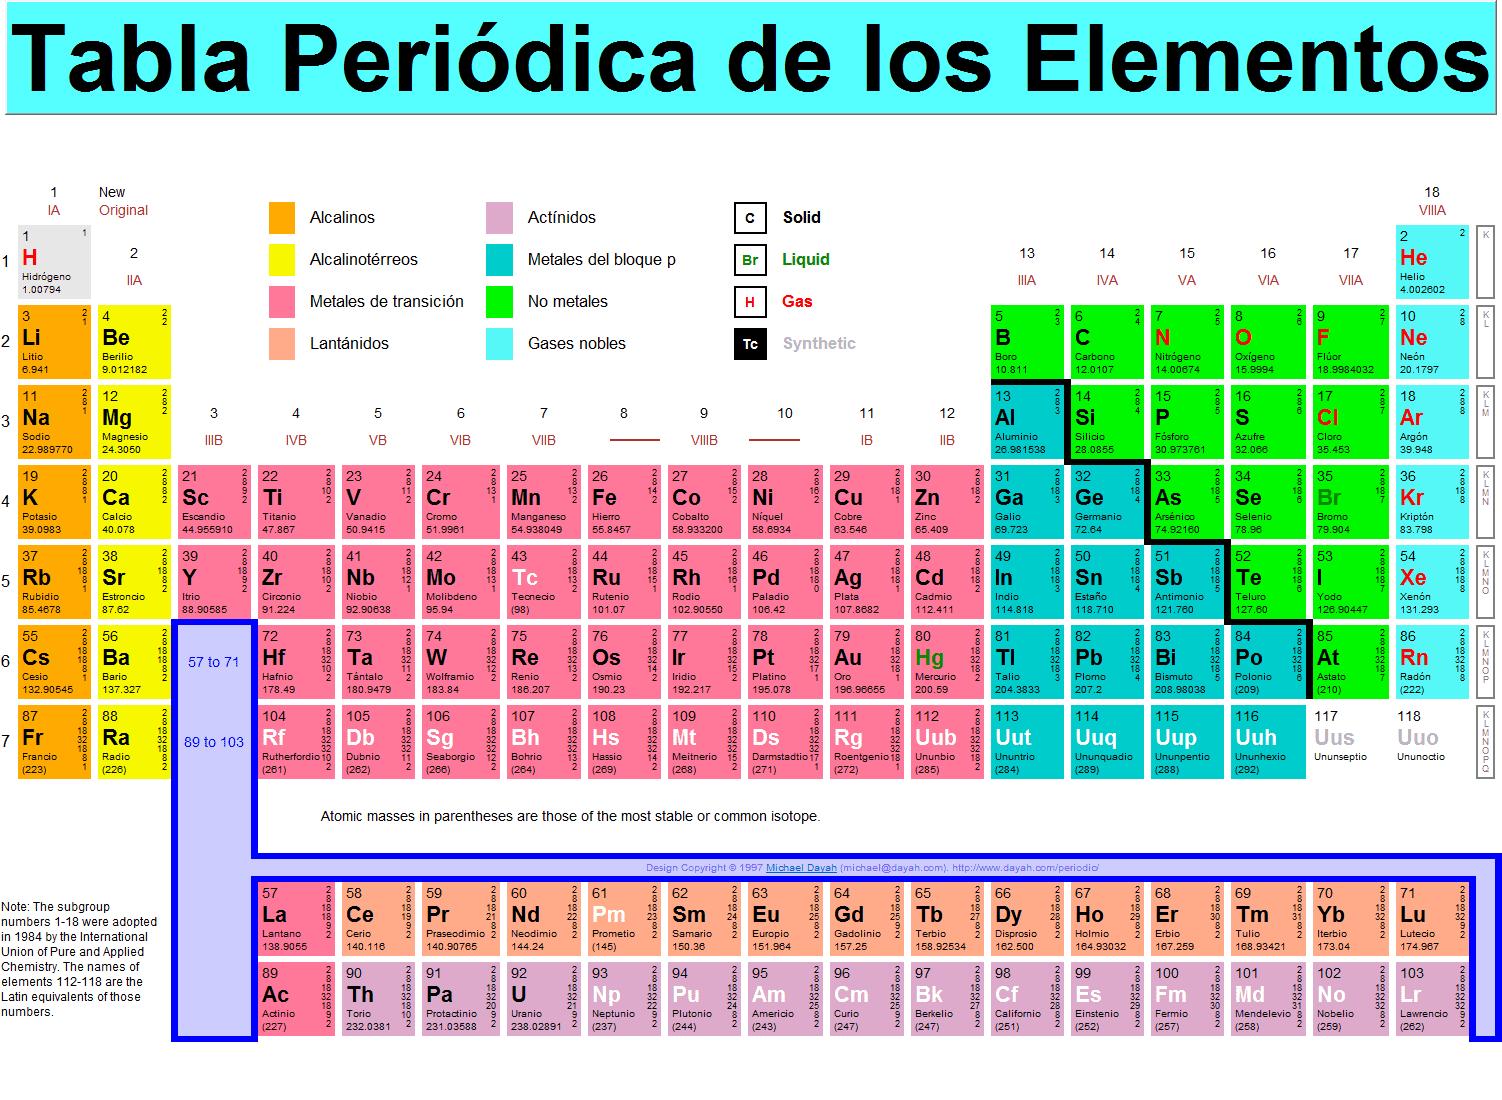 El contador de historias la tabla peridica ms completa recursos muy interesante para que conozcas con detalle los elementos qumicos que conforman la tabla peridica desde visualizaciones vdeos y fotos urtaz Image collections